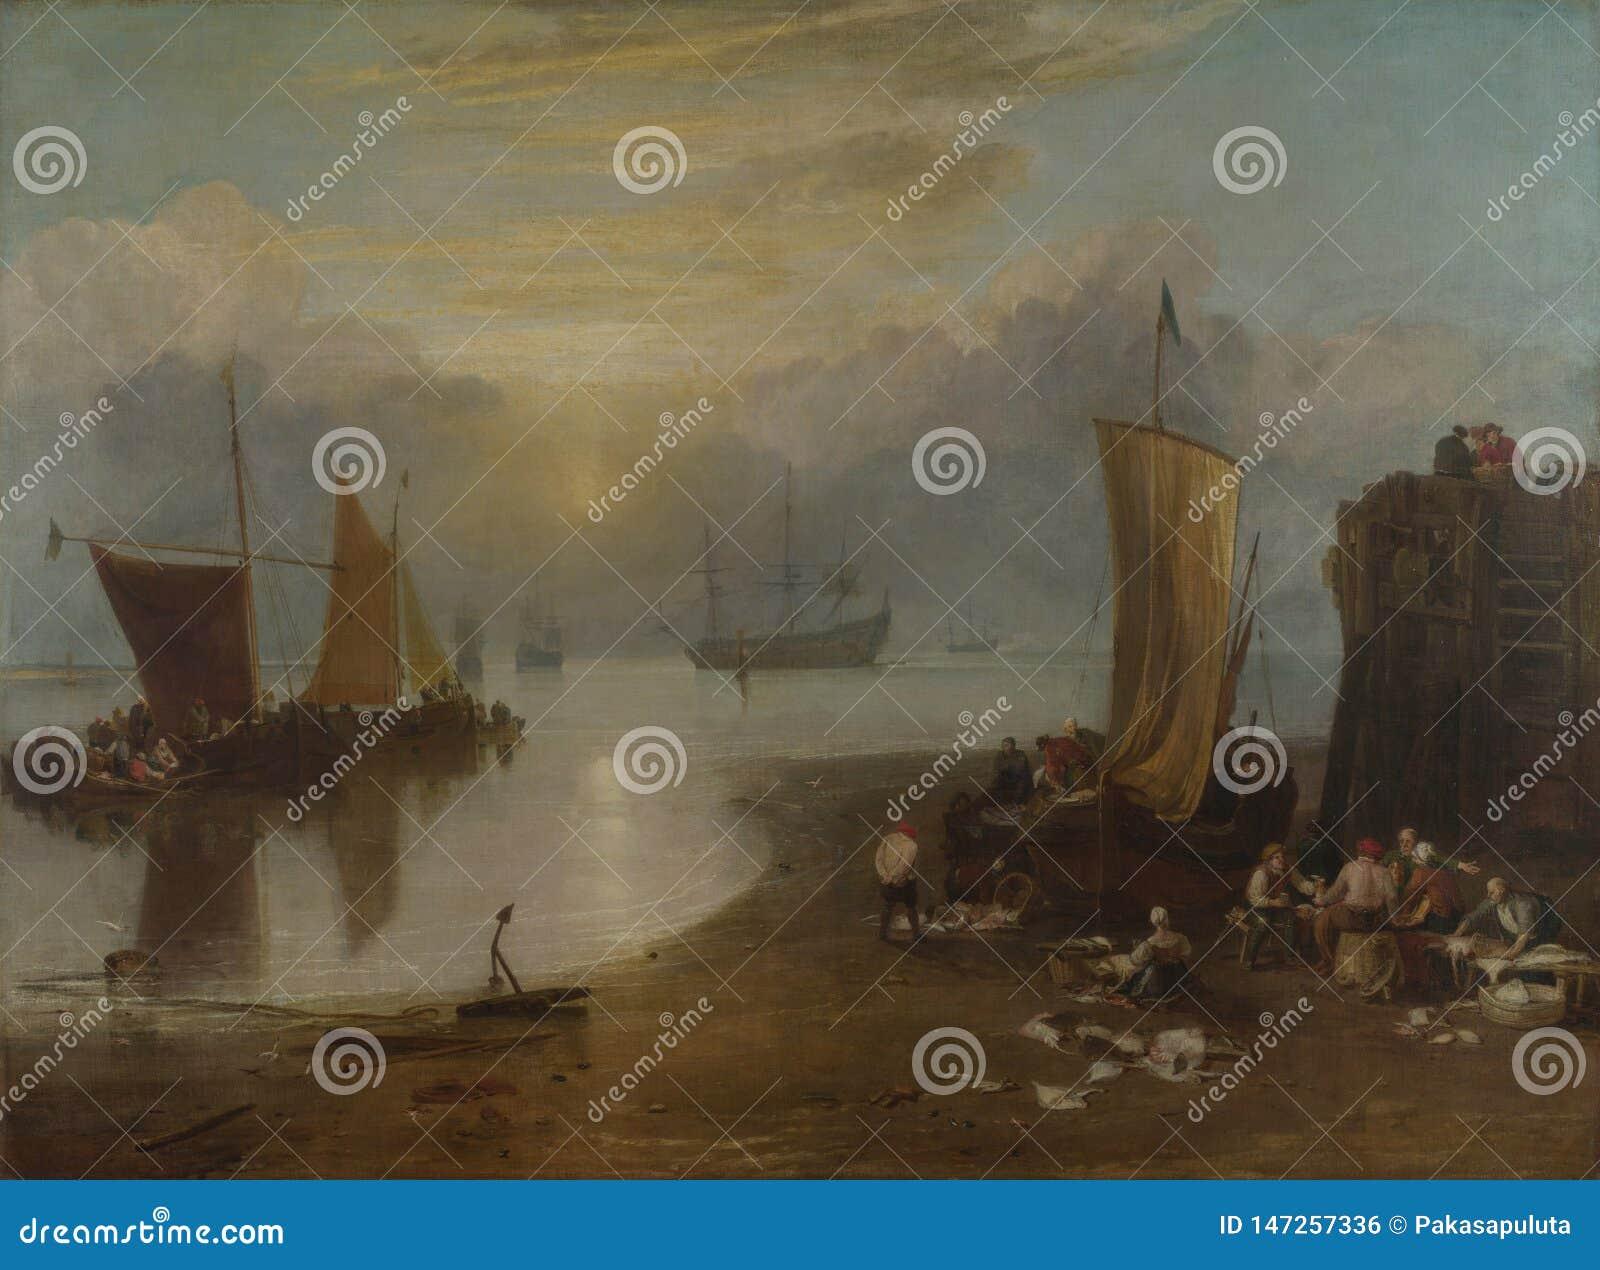 Joseph Mallord William Turner - sol som stiger till och med dunsten